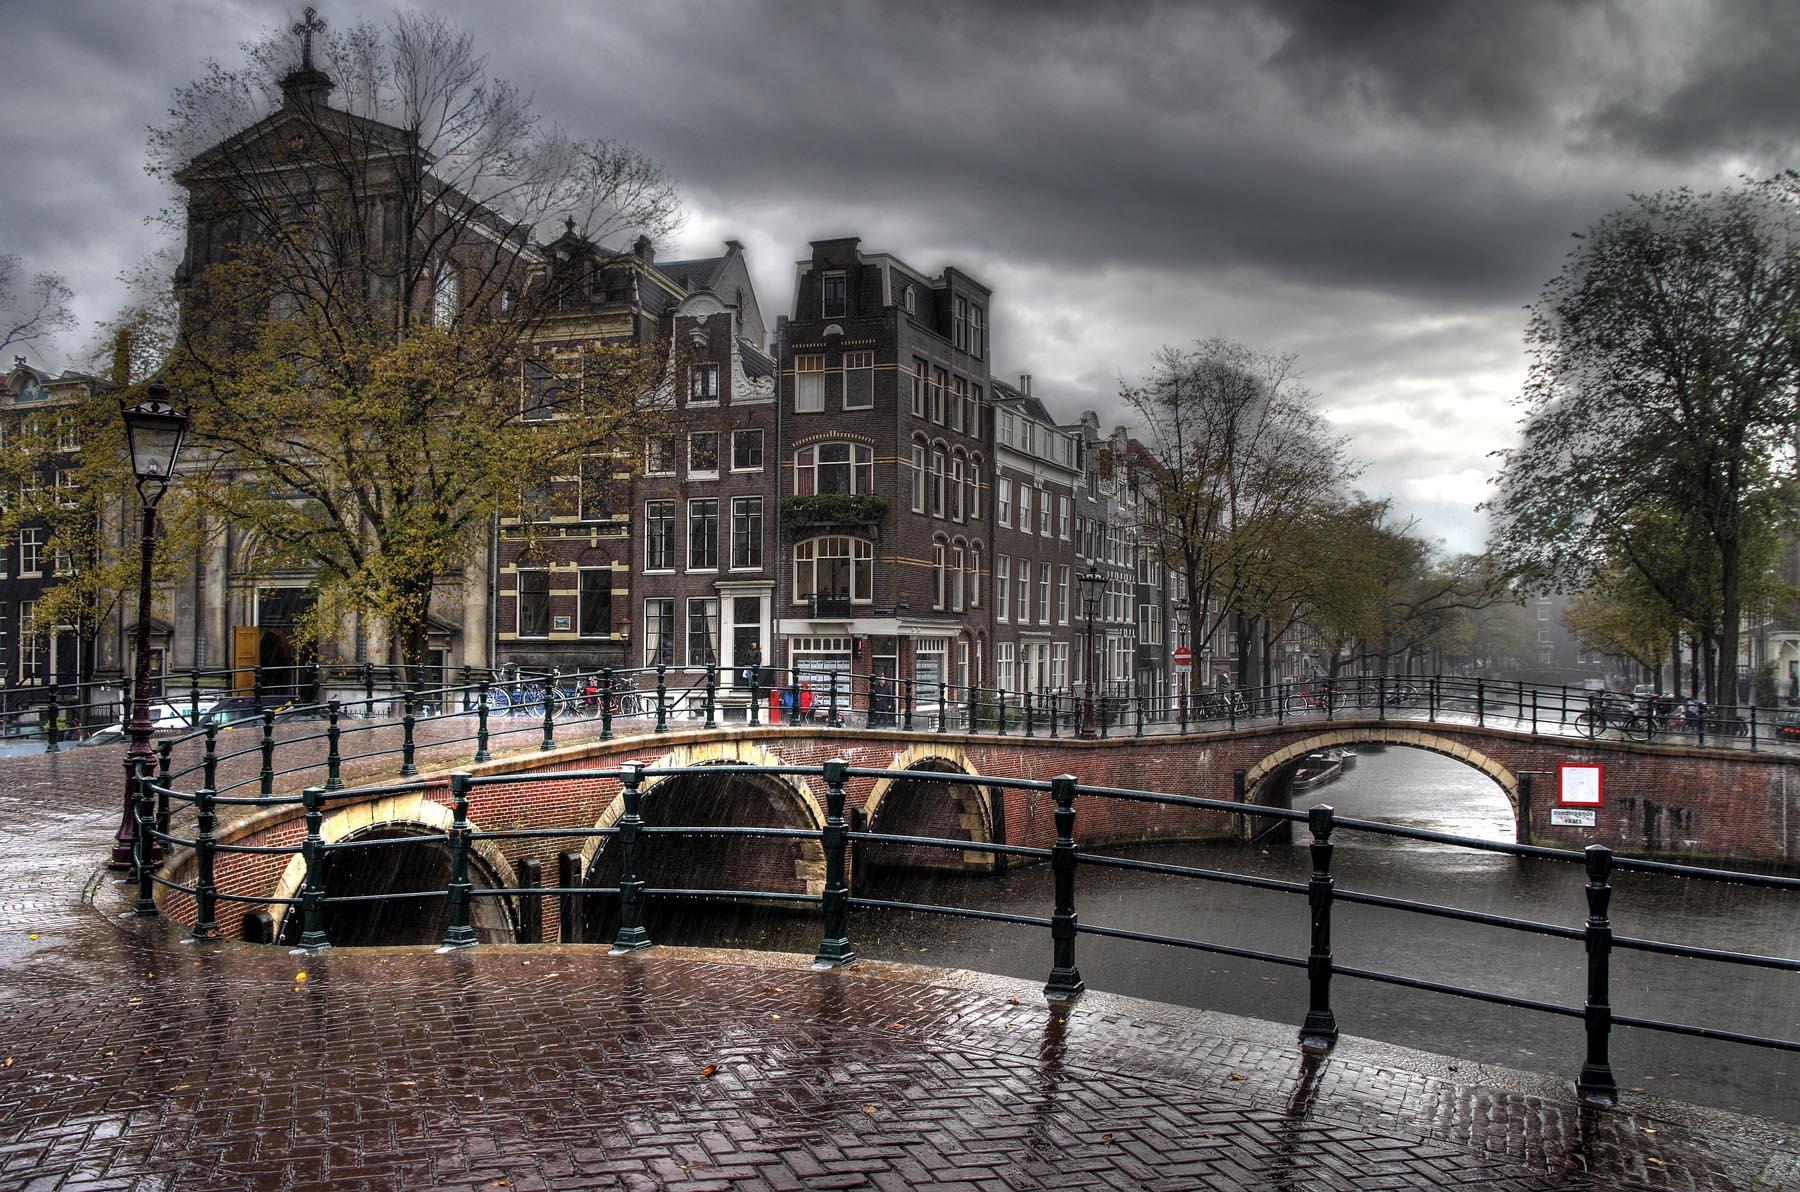 7 Bridges Corner in the rain - HDR